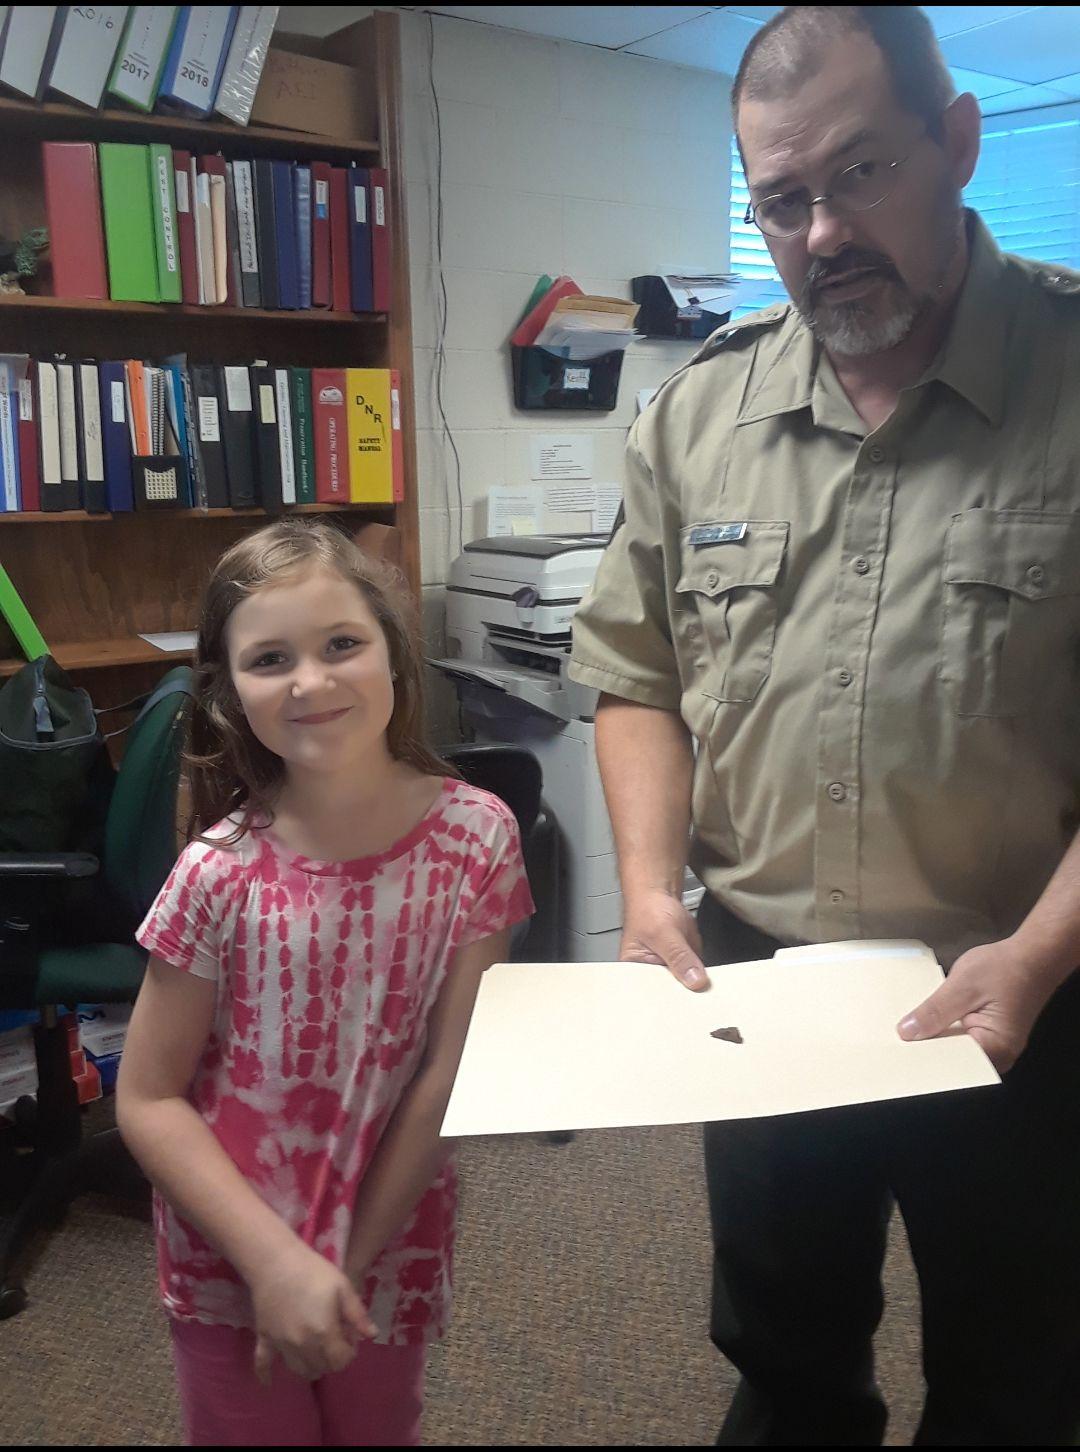 Cheyenne Smith artifact find